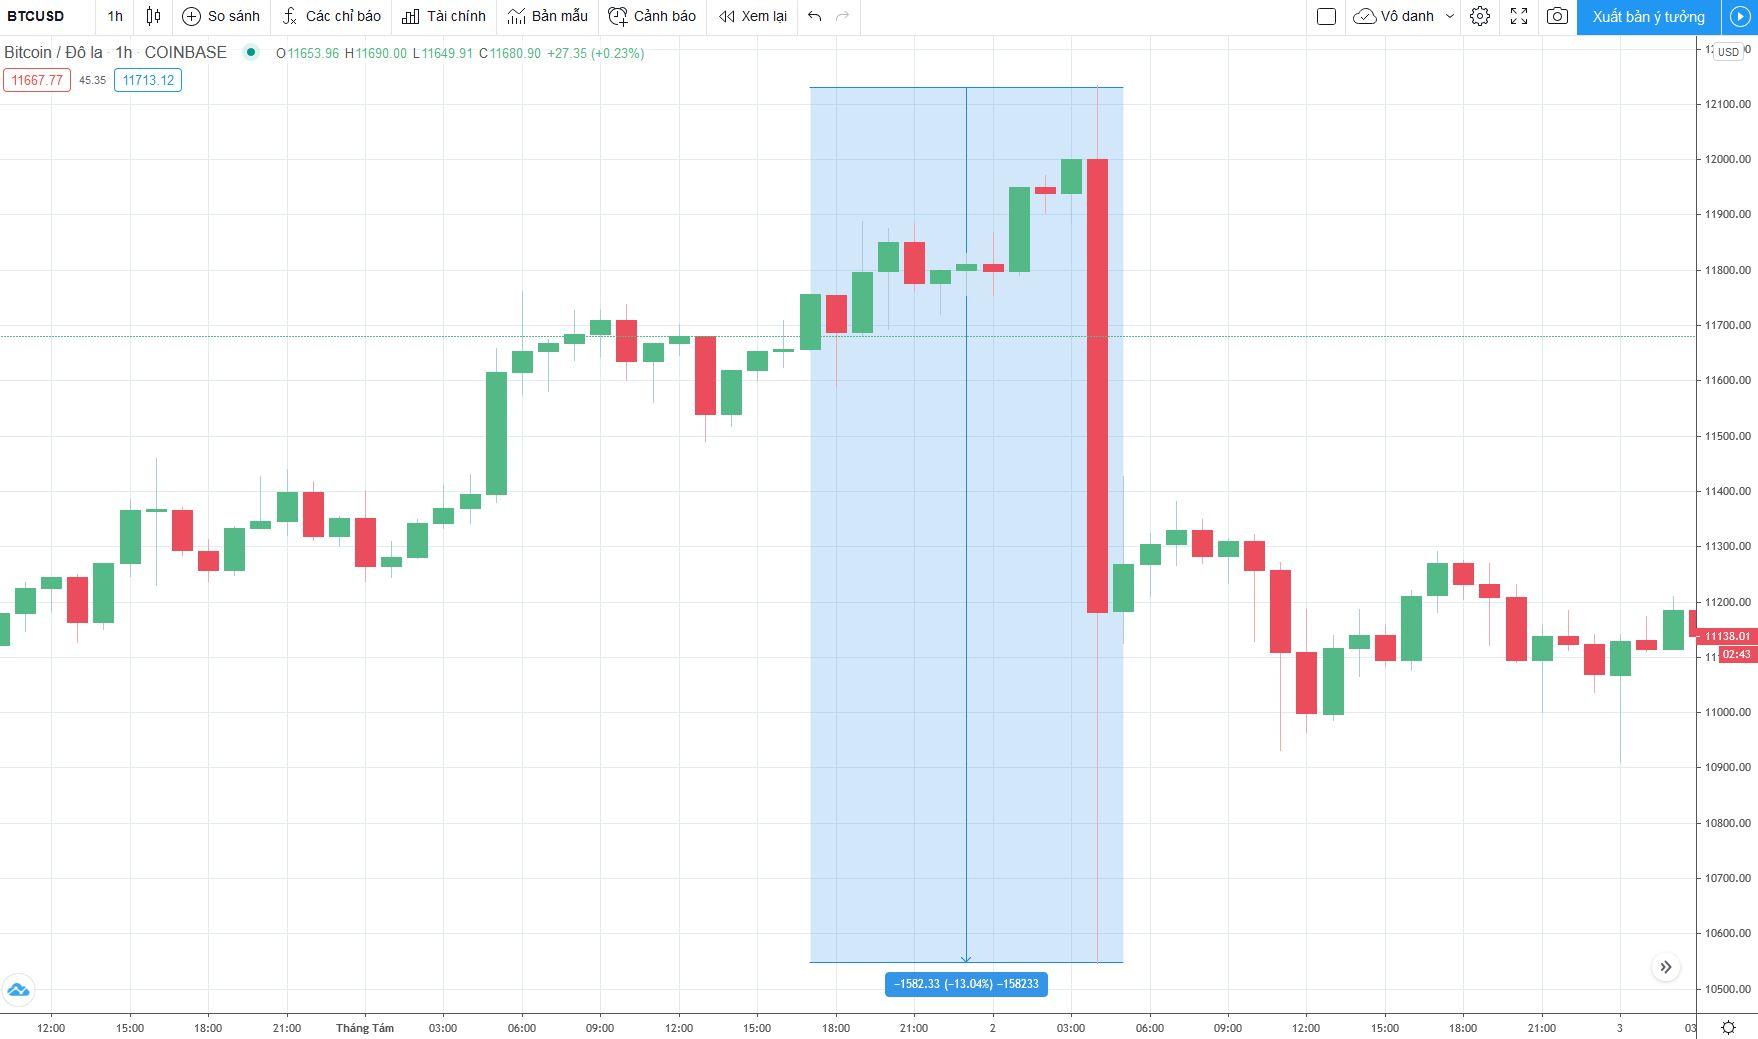 Biến động giá của Bitcoin